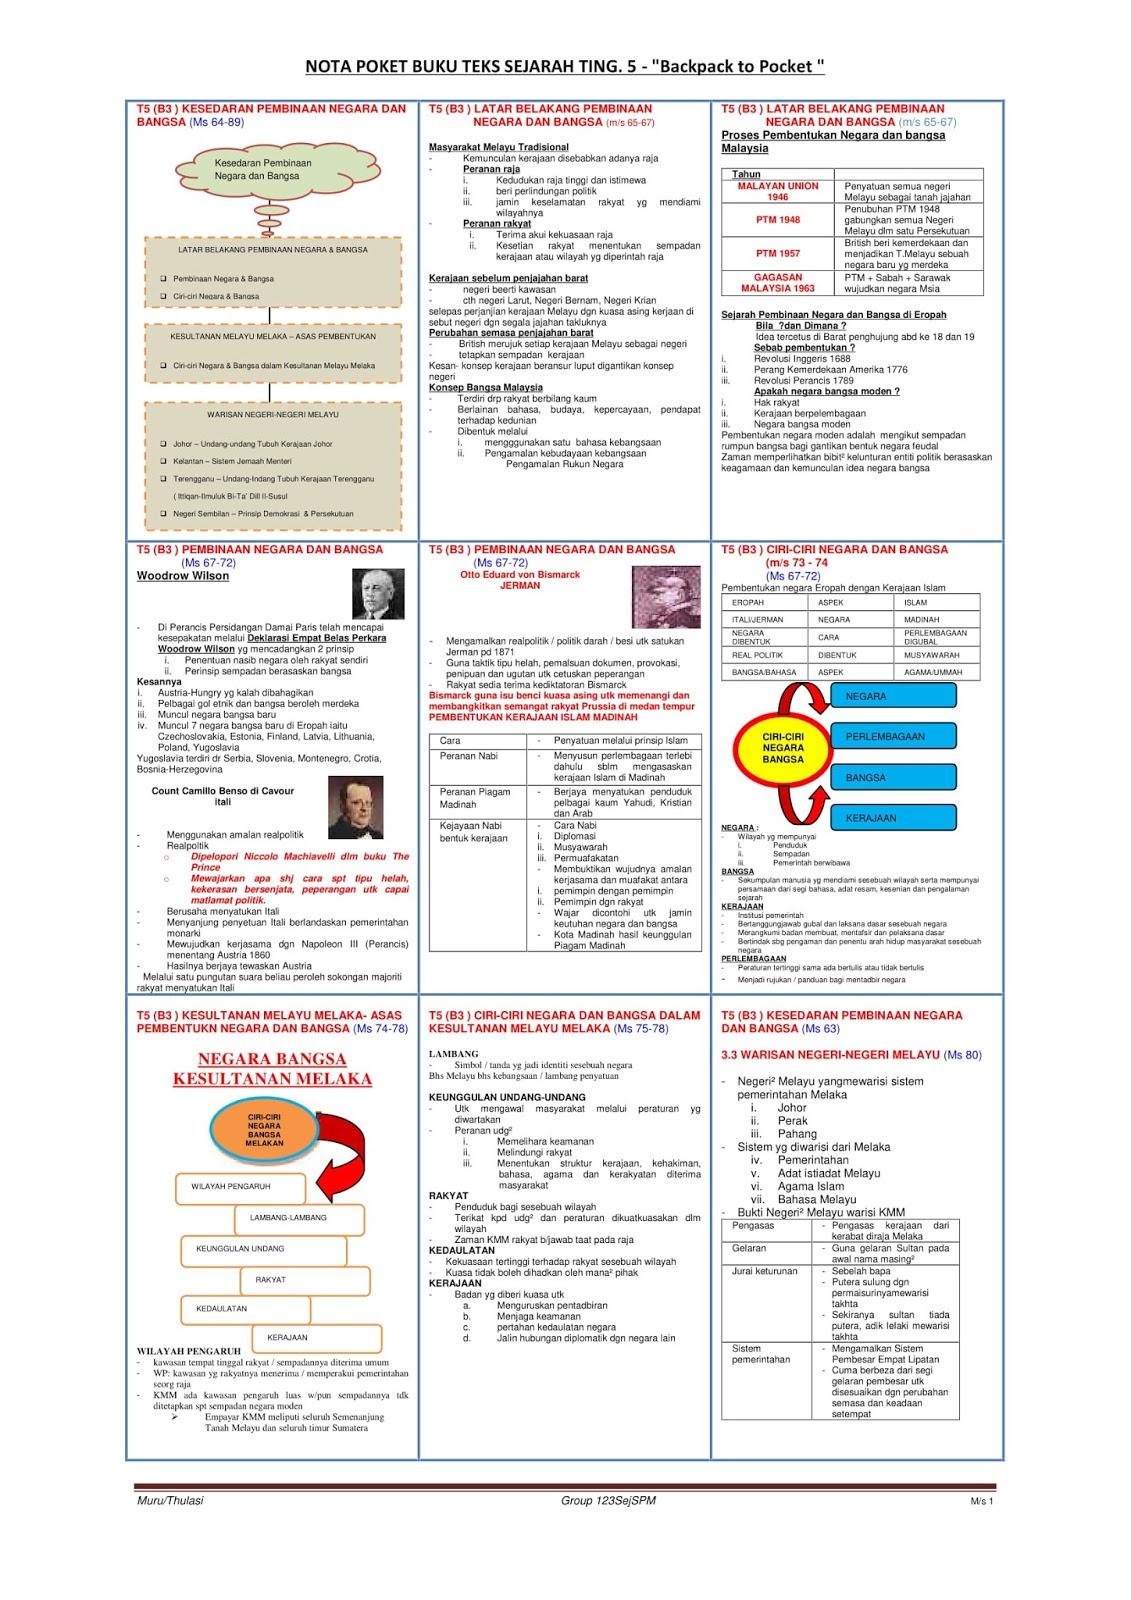 Sejarah Spm Nota Padat Sejarah Tingkatan 5 Bab 3 Kesedaran Pembinaan Negara Dan Bangsa